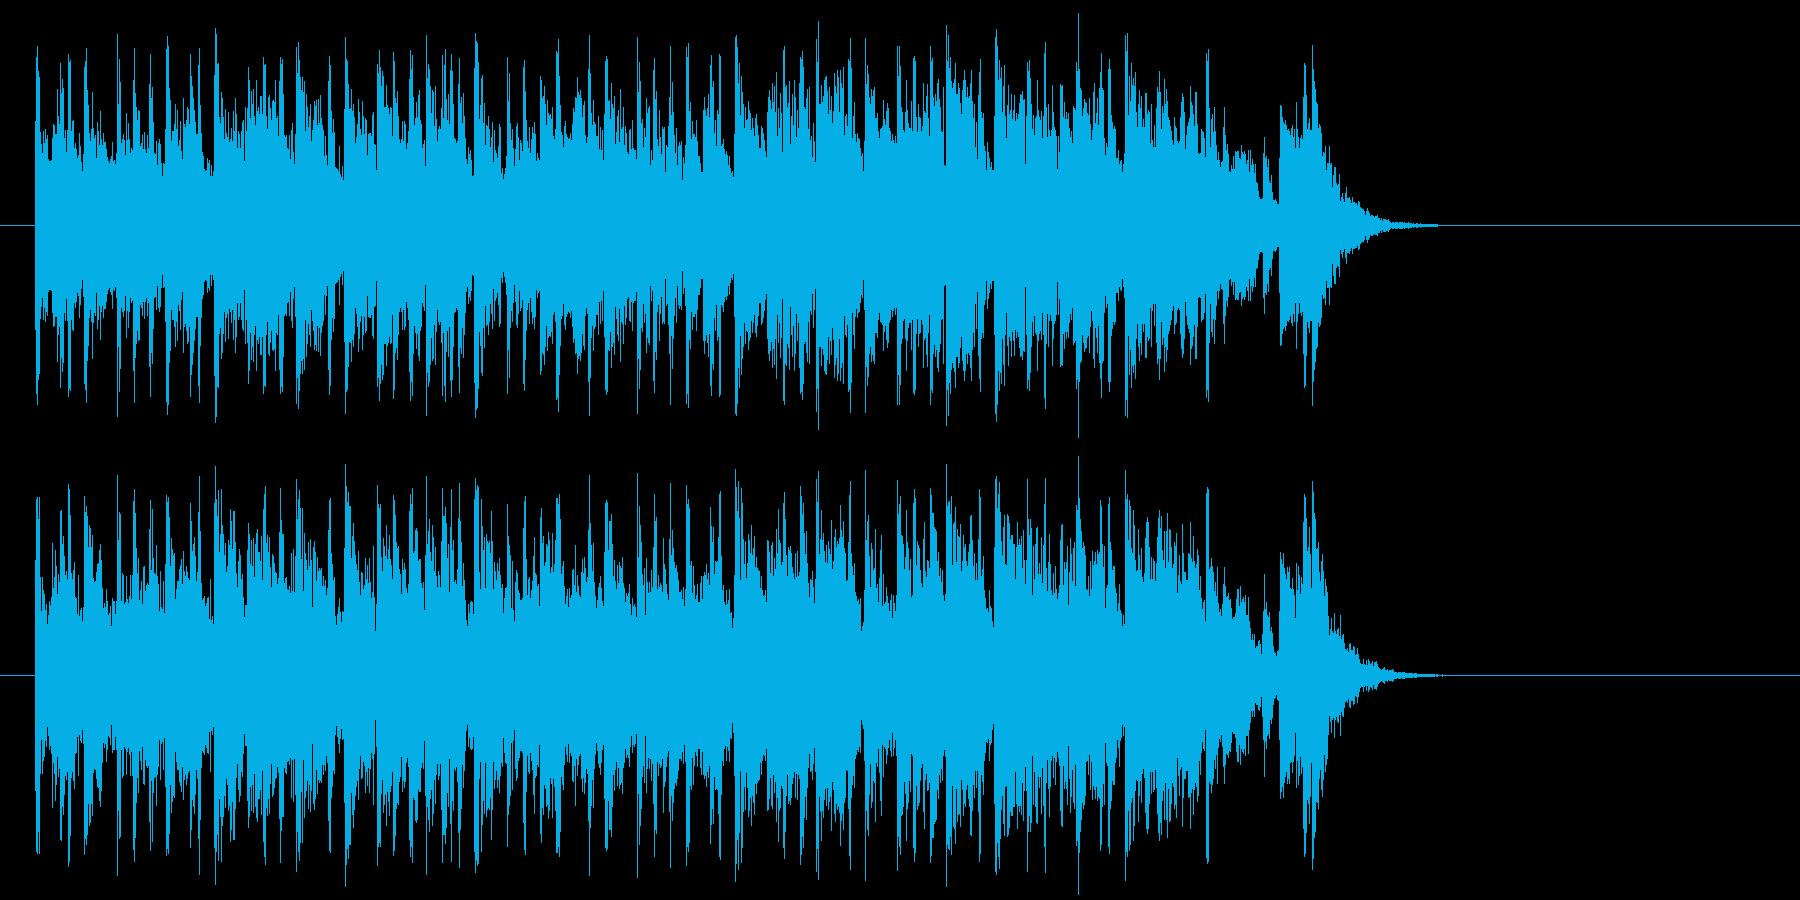 新生活へと出発するポップ(サビ)の再生済みの波形